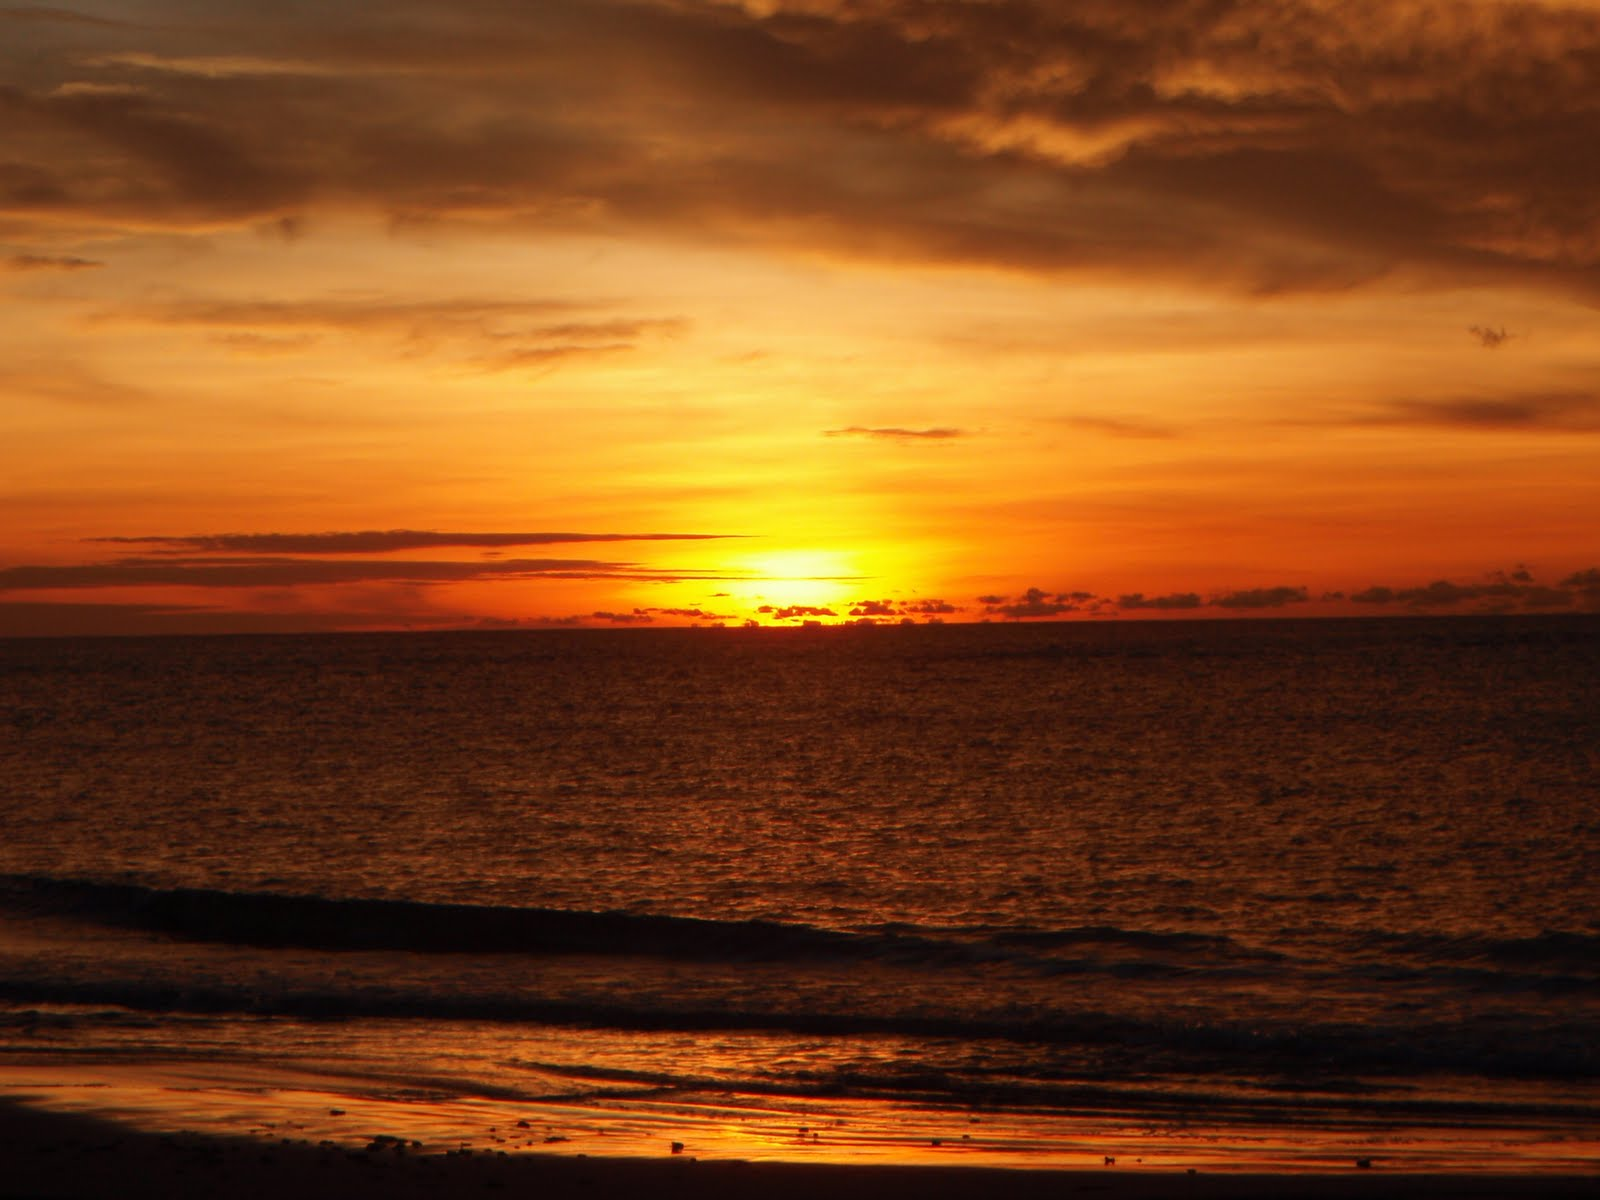 pemandangan tepi pantai waktu senja  Foto Dunia Alam